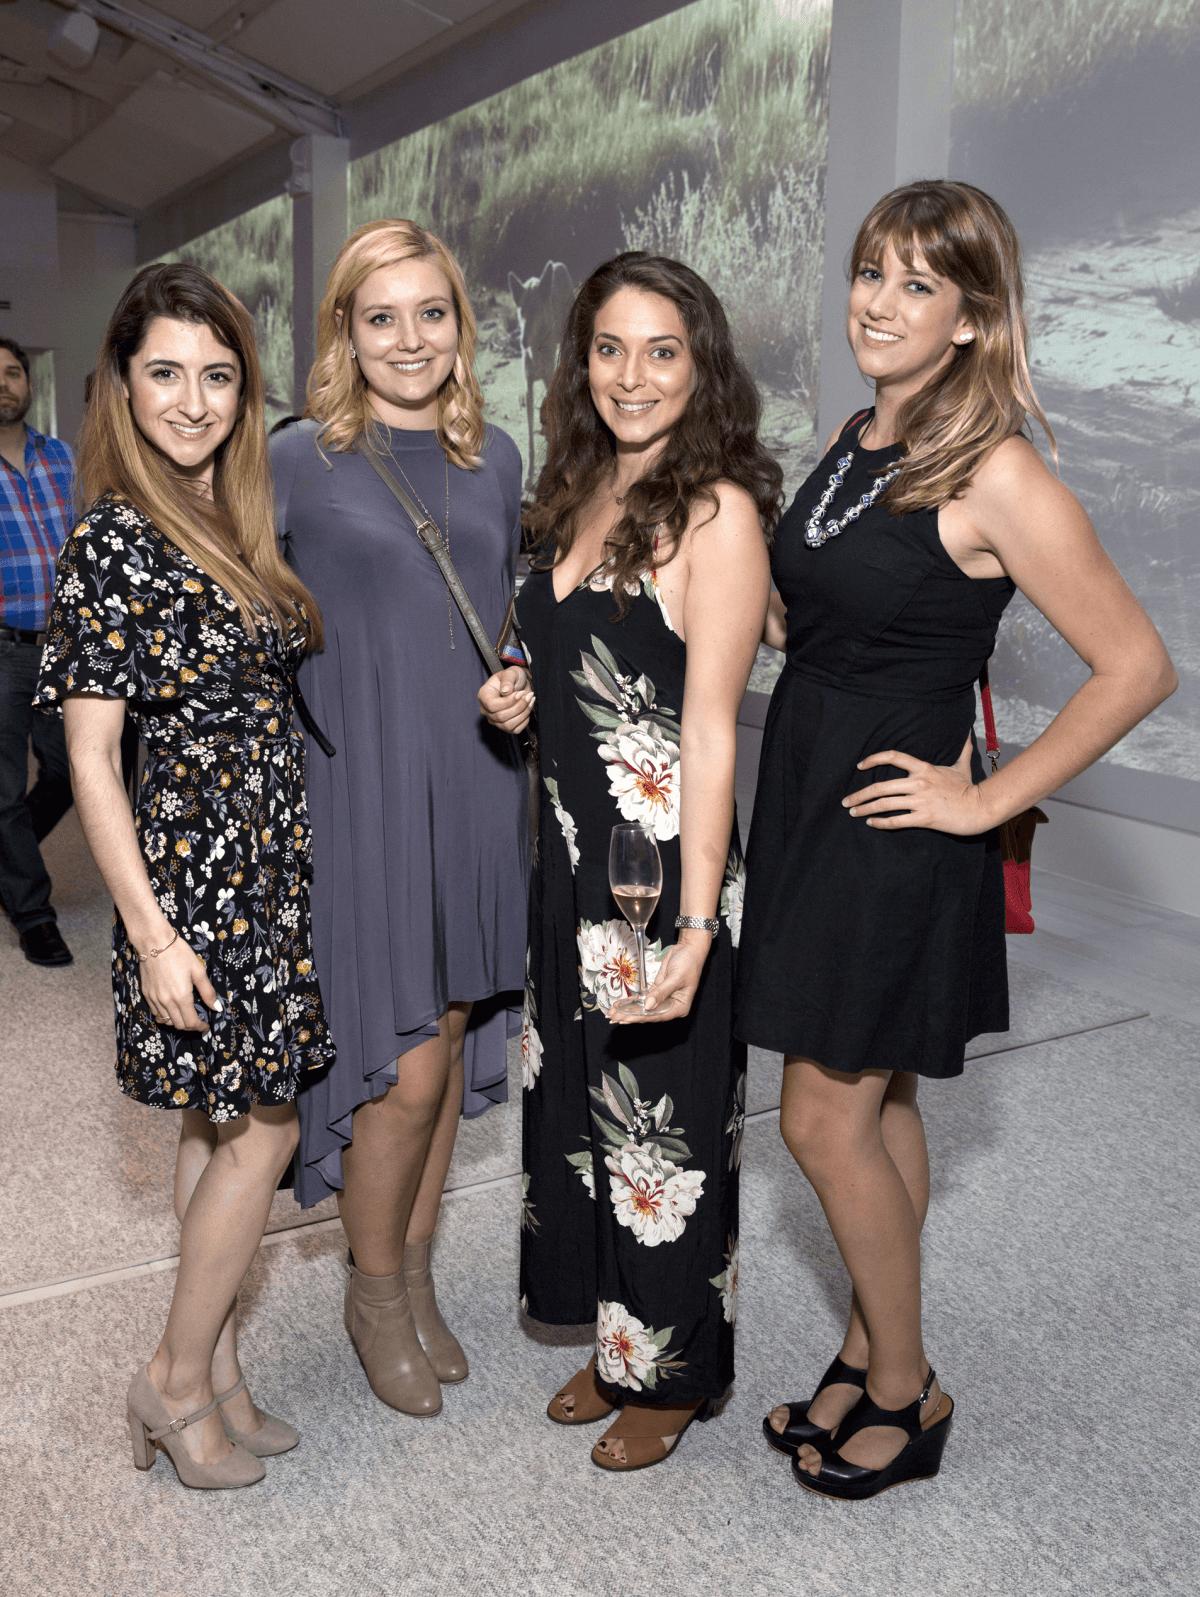 Houston, Australia Tourism event, Oct. 2016, Annemarie Schwendler, Natalie Harms, Lisa Cohen, Allie Schratz